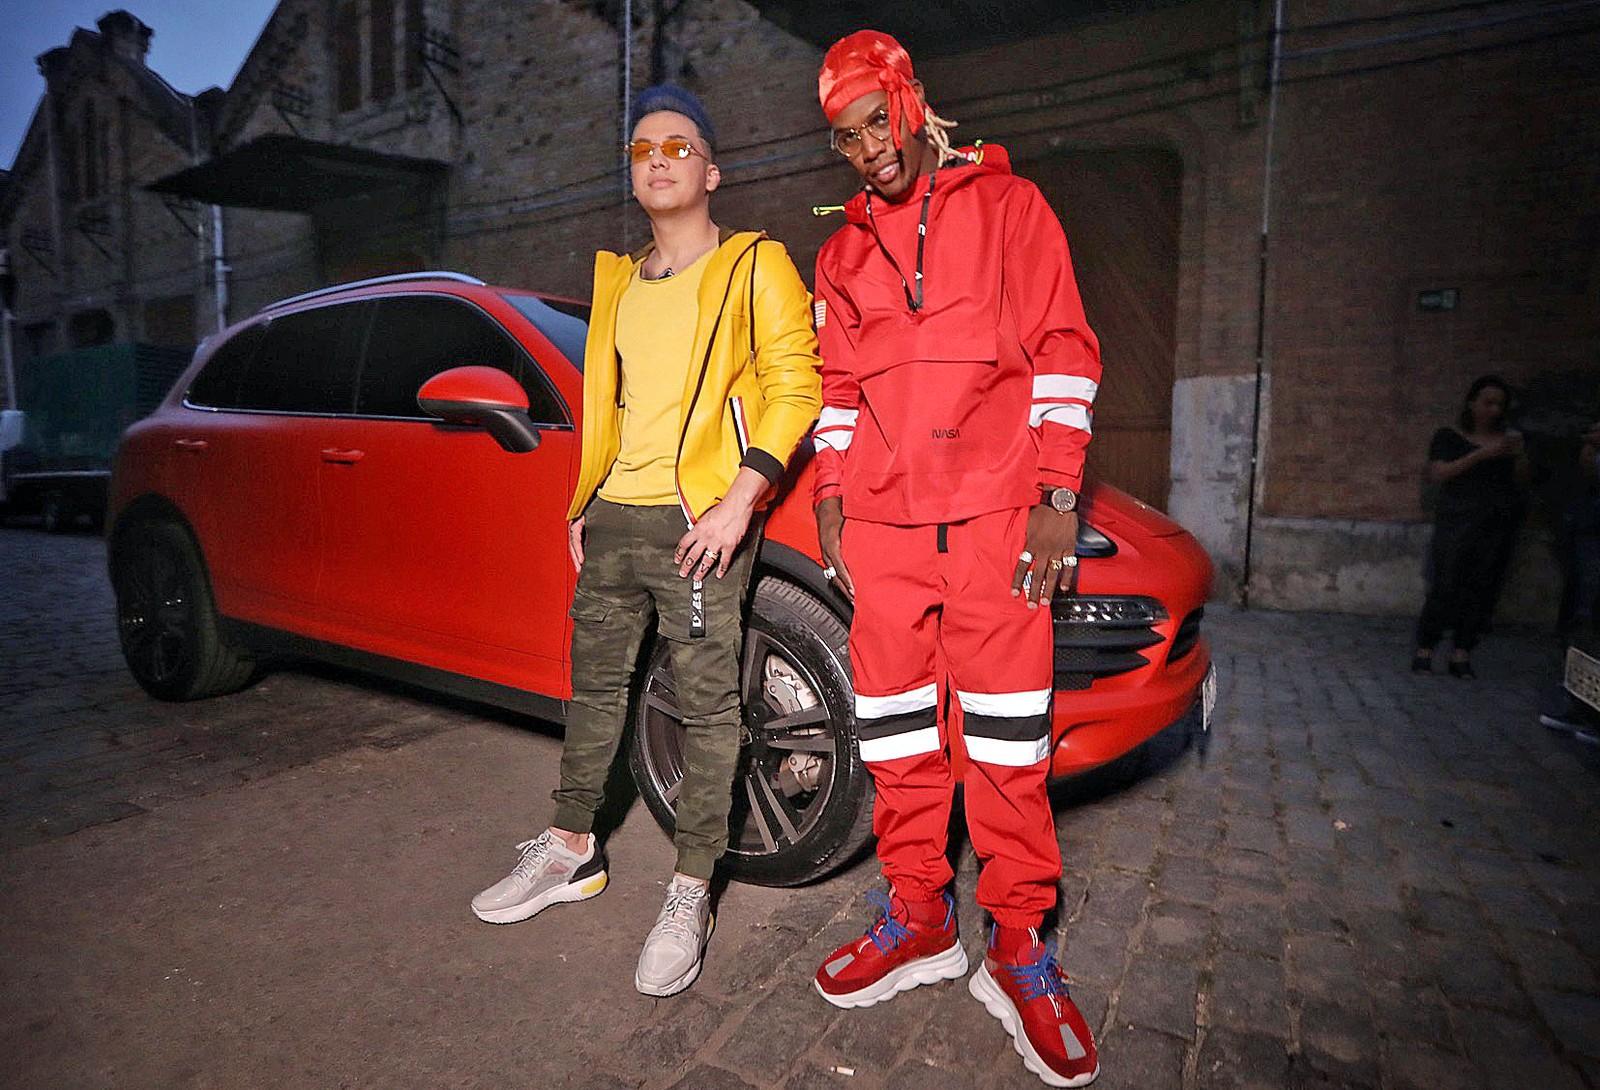 Wesley Safadão e MC Kekel em gravação de clipe de 'Desencana'  (Foto: site G1, Ederson Lima/Divulgação)